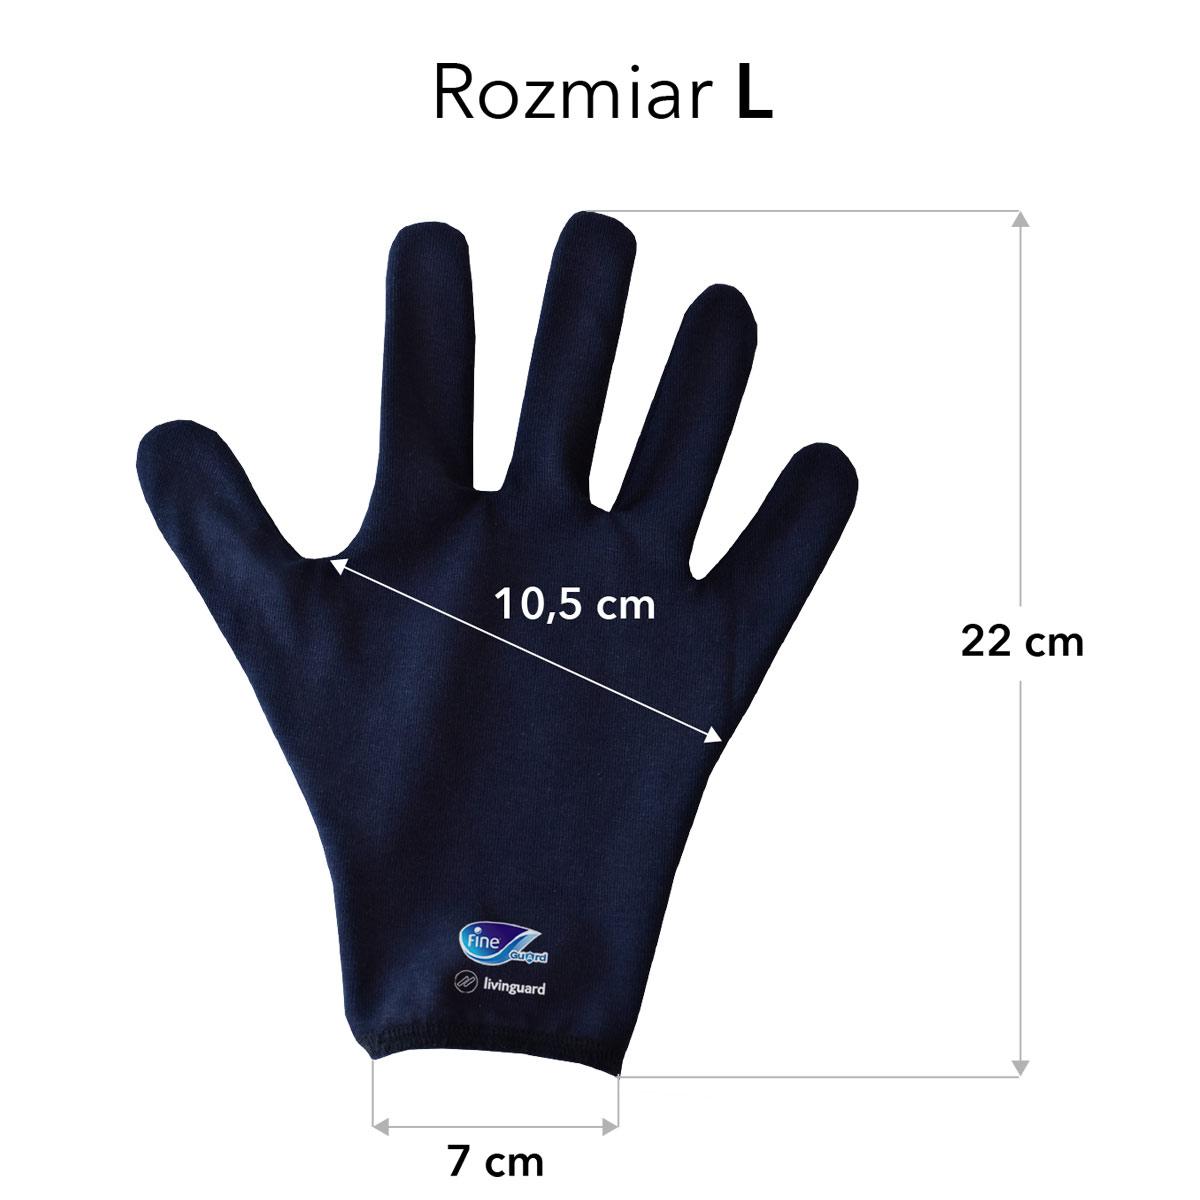 Rozmiary rękawiczek Fine Guard rozmiar L